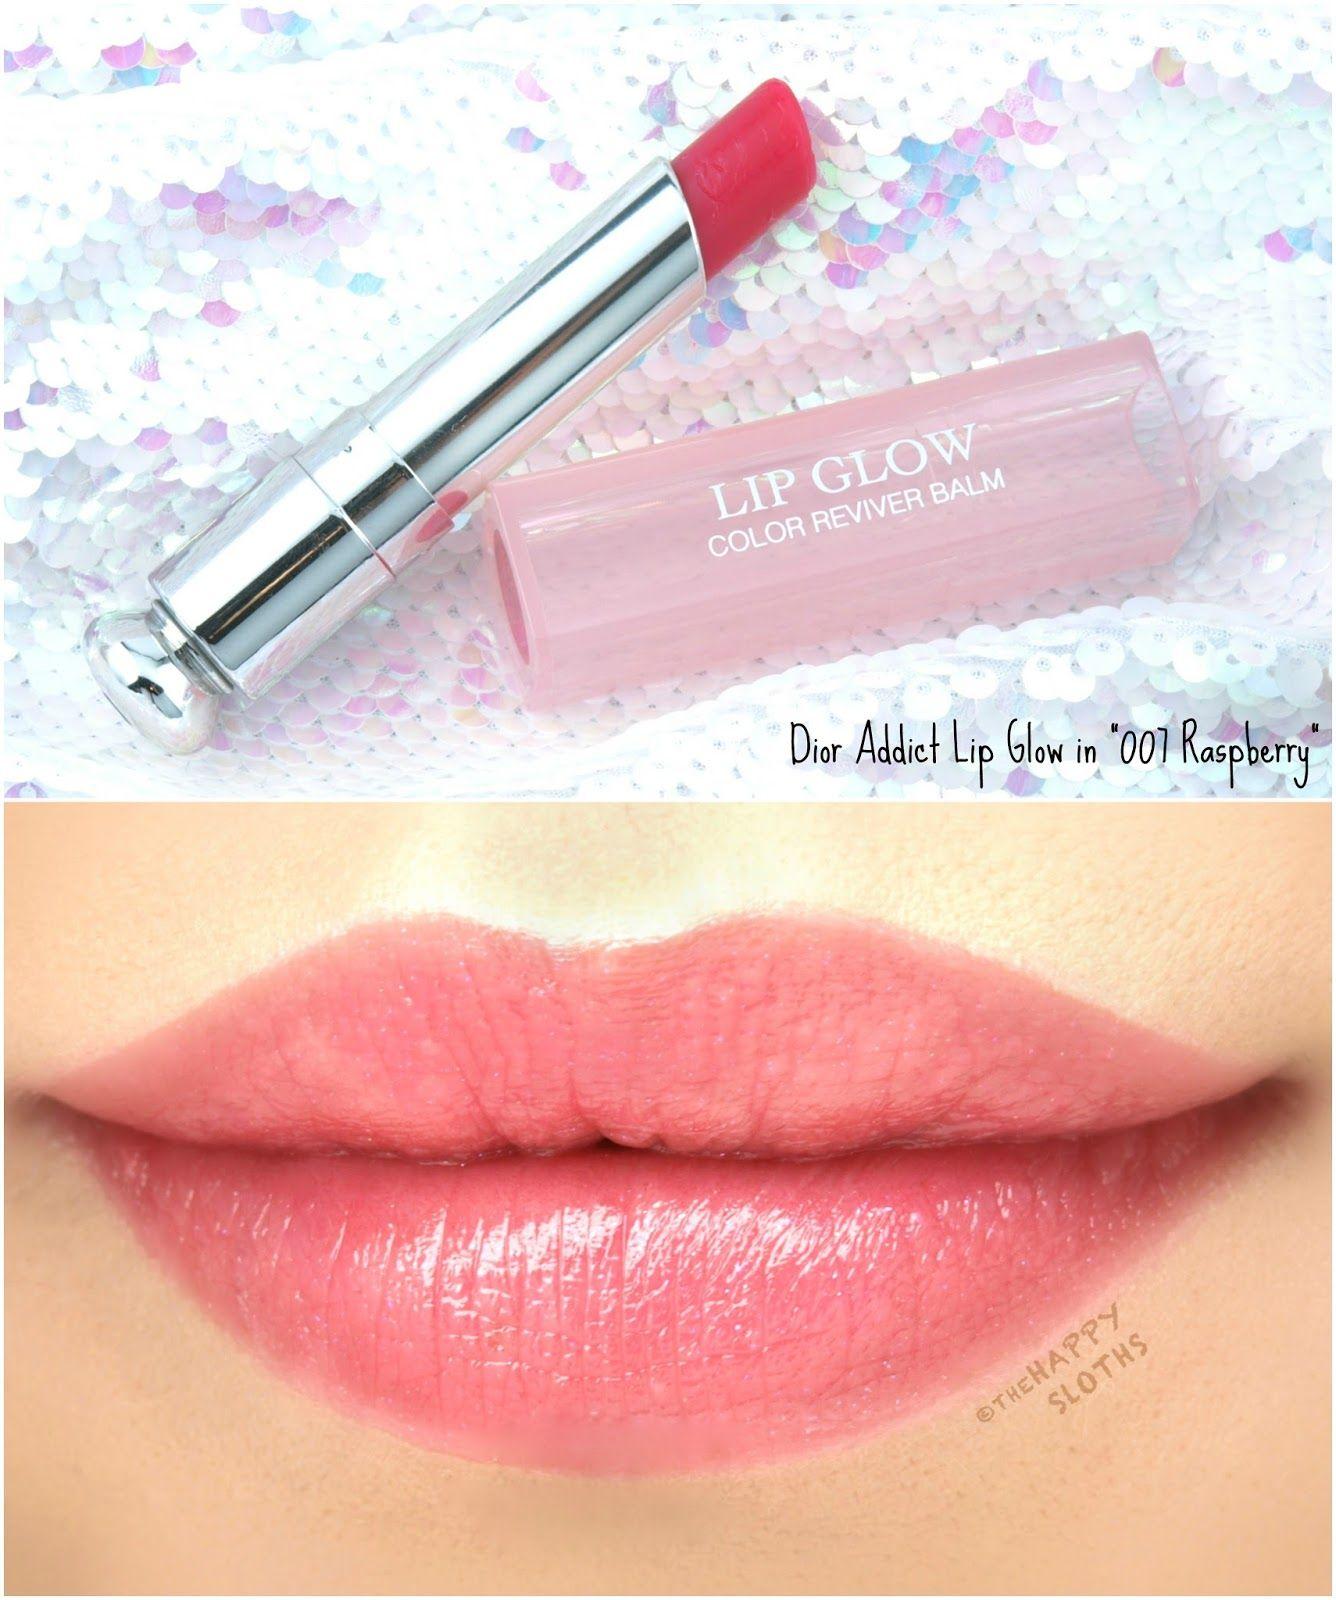 4f0db416a35a2 Dior Addict Lip Glow Color Reviver Balm in